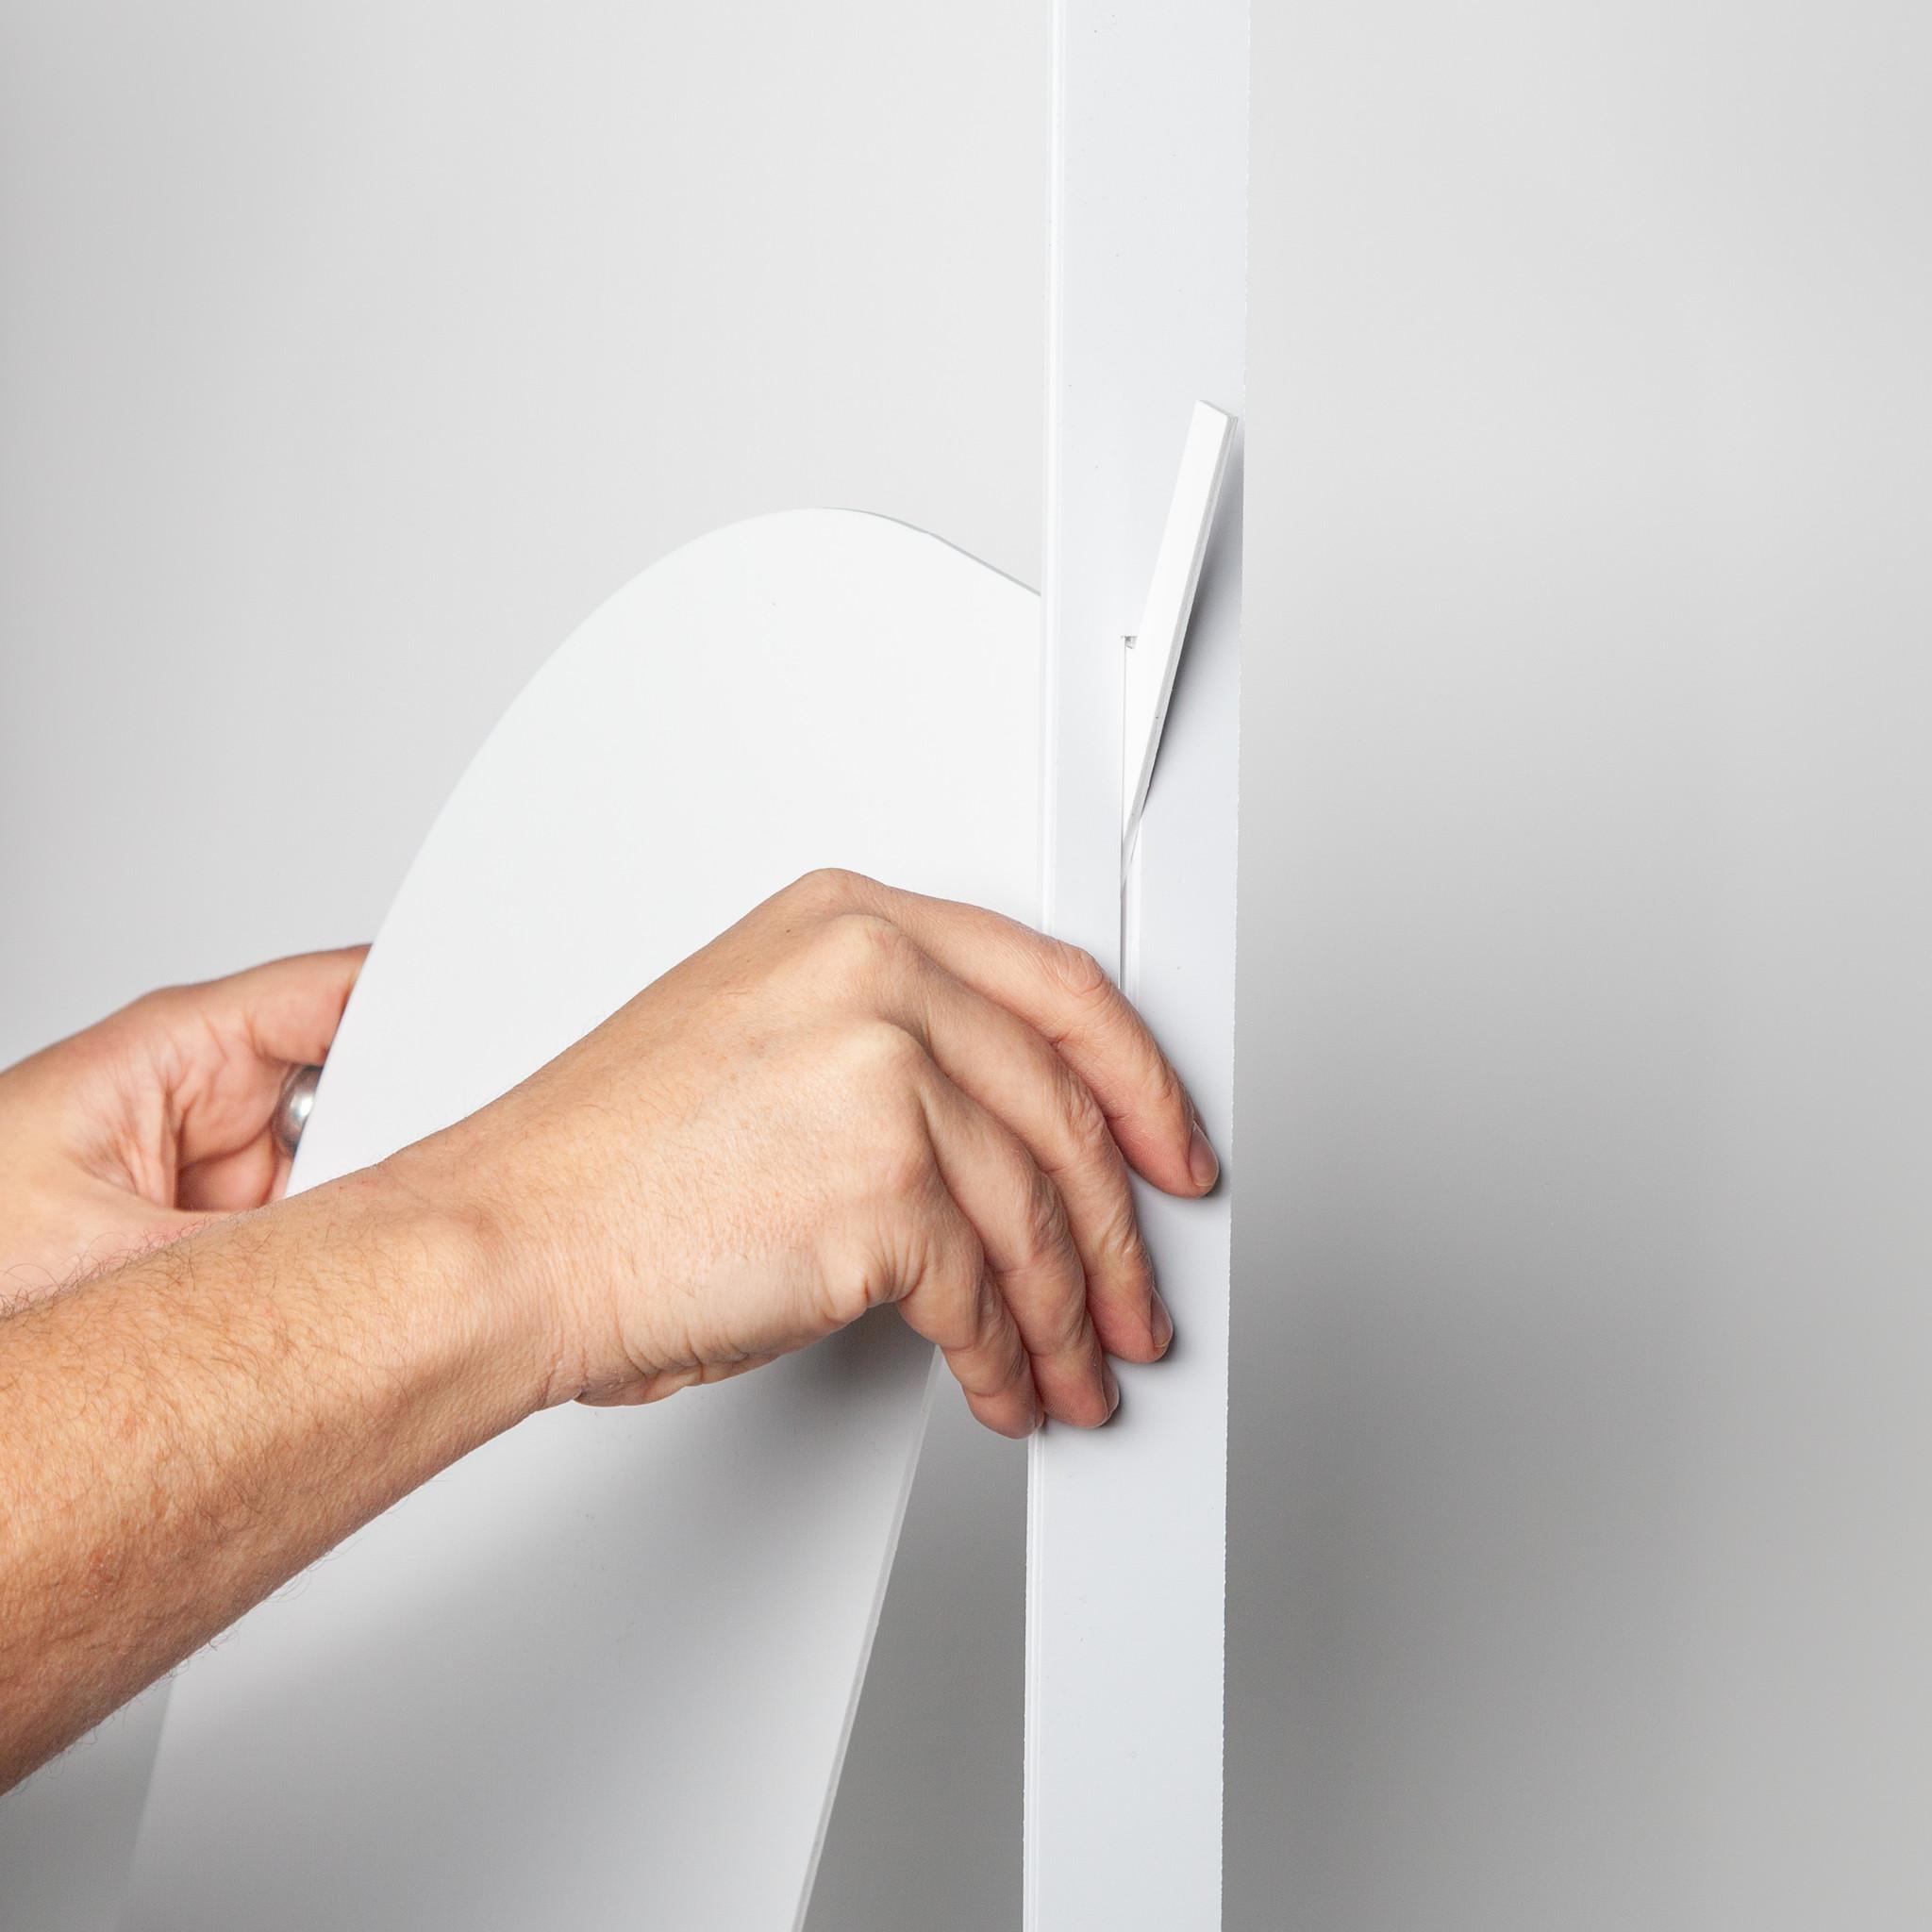 Spuckschutz | SpuckNo | standard für niedrige Handauflage